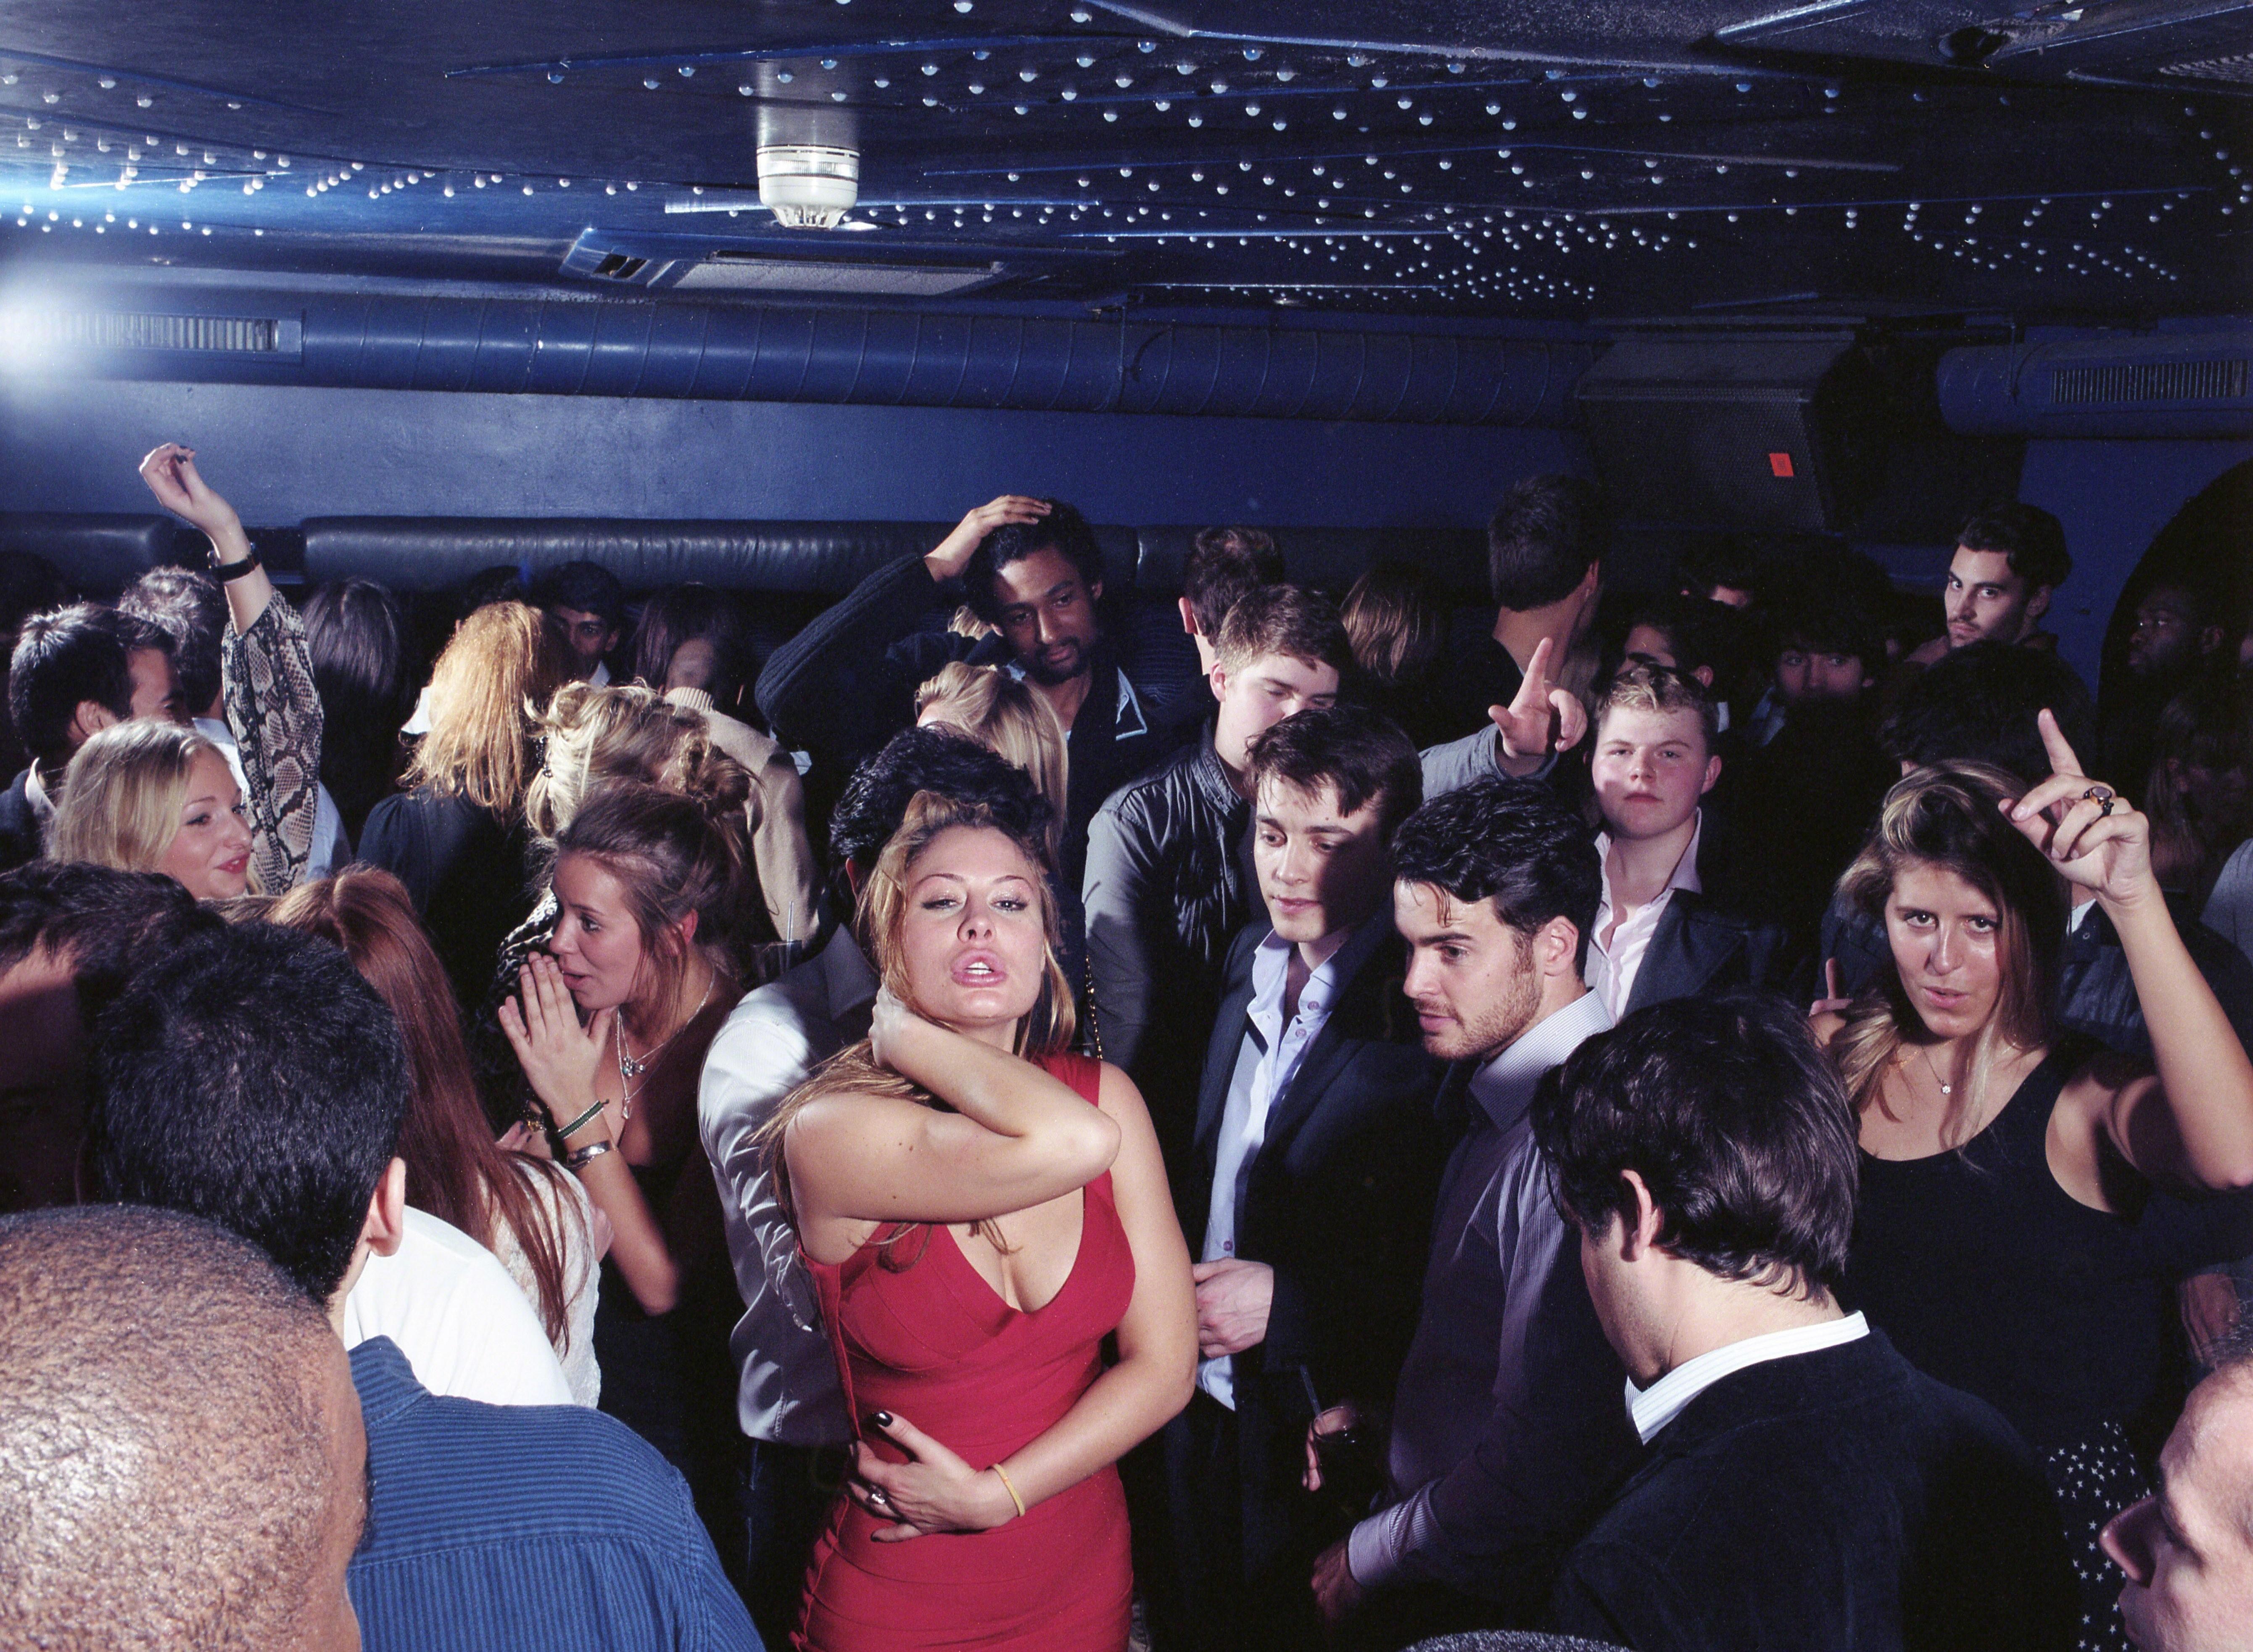 Танцпол в ночном клубе, Южный Кенсингтон, 2011. Фотограф Марк Невилл